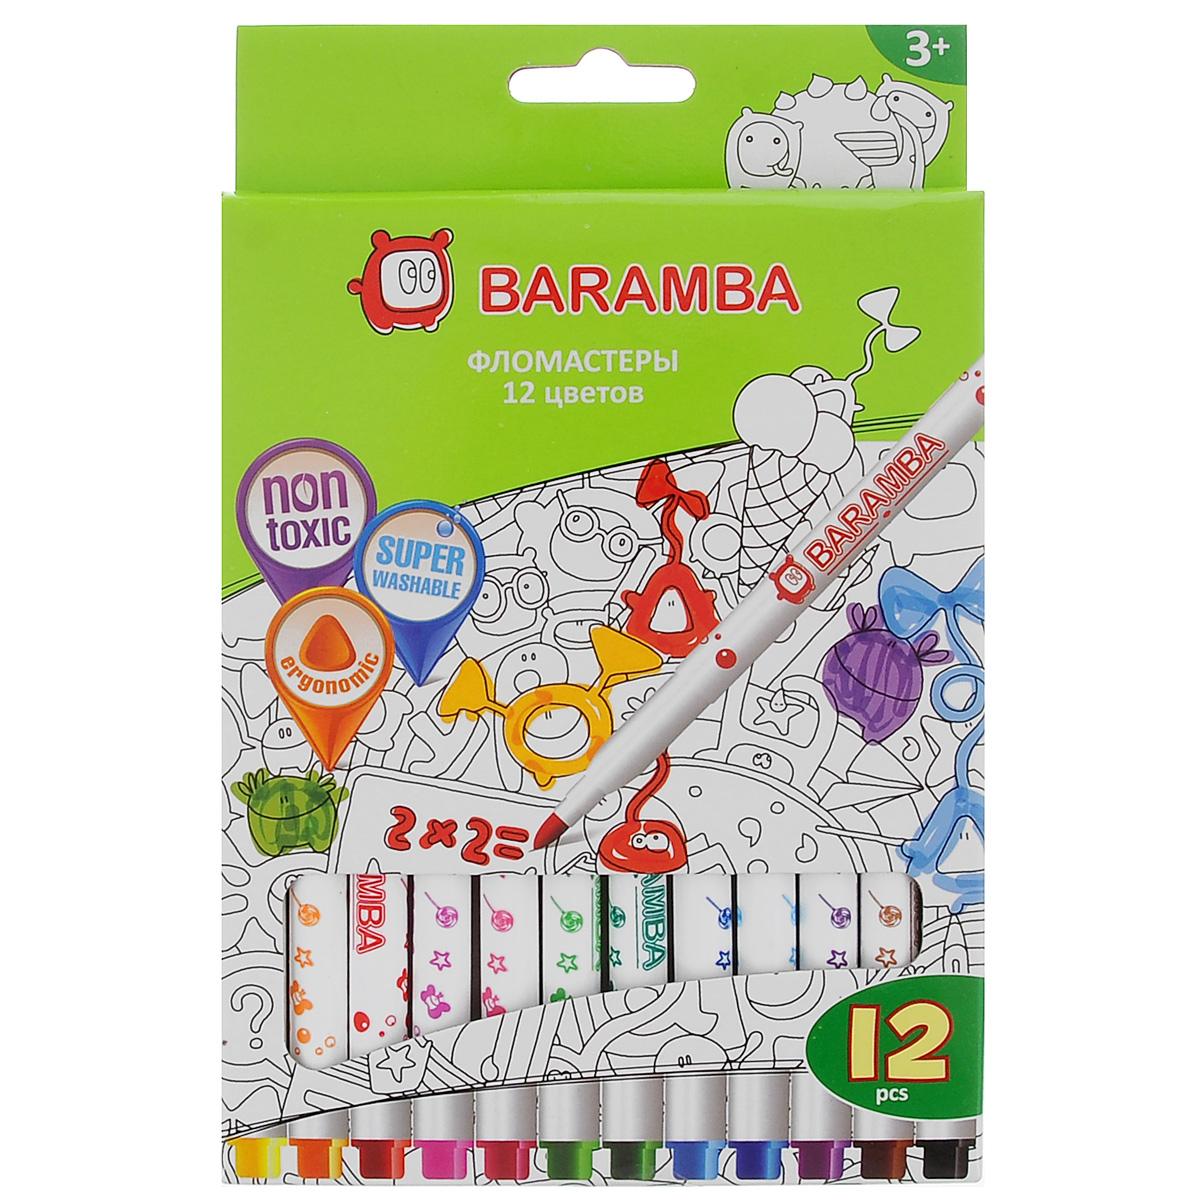 Набор фломастеров Baramba, 12 цветовB80712Фломастеры Baramba откроют юным художникам новые горизонты для творчества, а также помогут отлично развить мелкую моторику рук, цветовое восприятие, фантазию и воображение. Фломастеры на водной основе не токсичны и не содержат спирта. Фломастеры ярких насыщенных цветов легко отмываются от кожи рук теплой водой с мылом. Чернила без запаха не высыхают без колпачка более 5 недель! Комплект включает 12 фломастеров ярких насыщенных цветов.Не рекомендуется детям до 3-х лет.